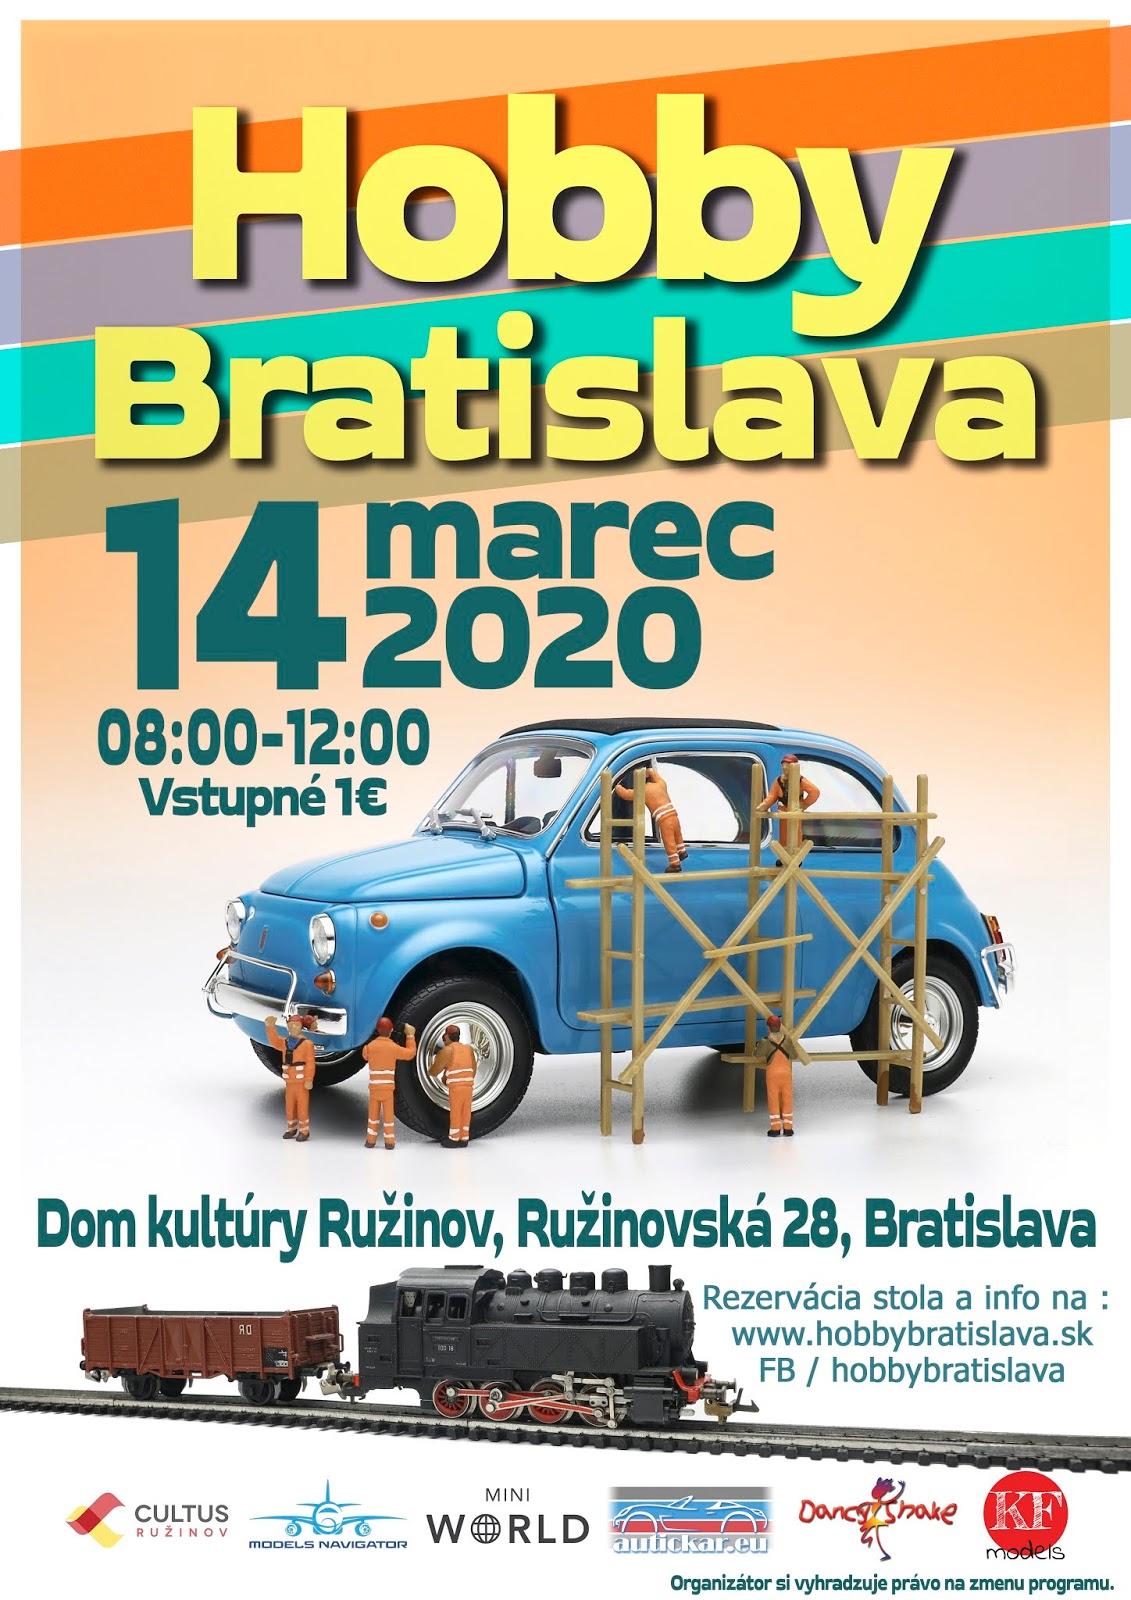 Poster hobby bratislava 2020